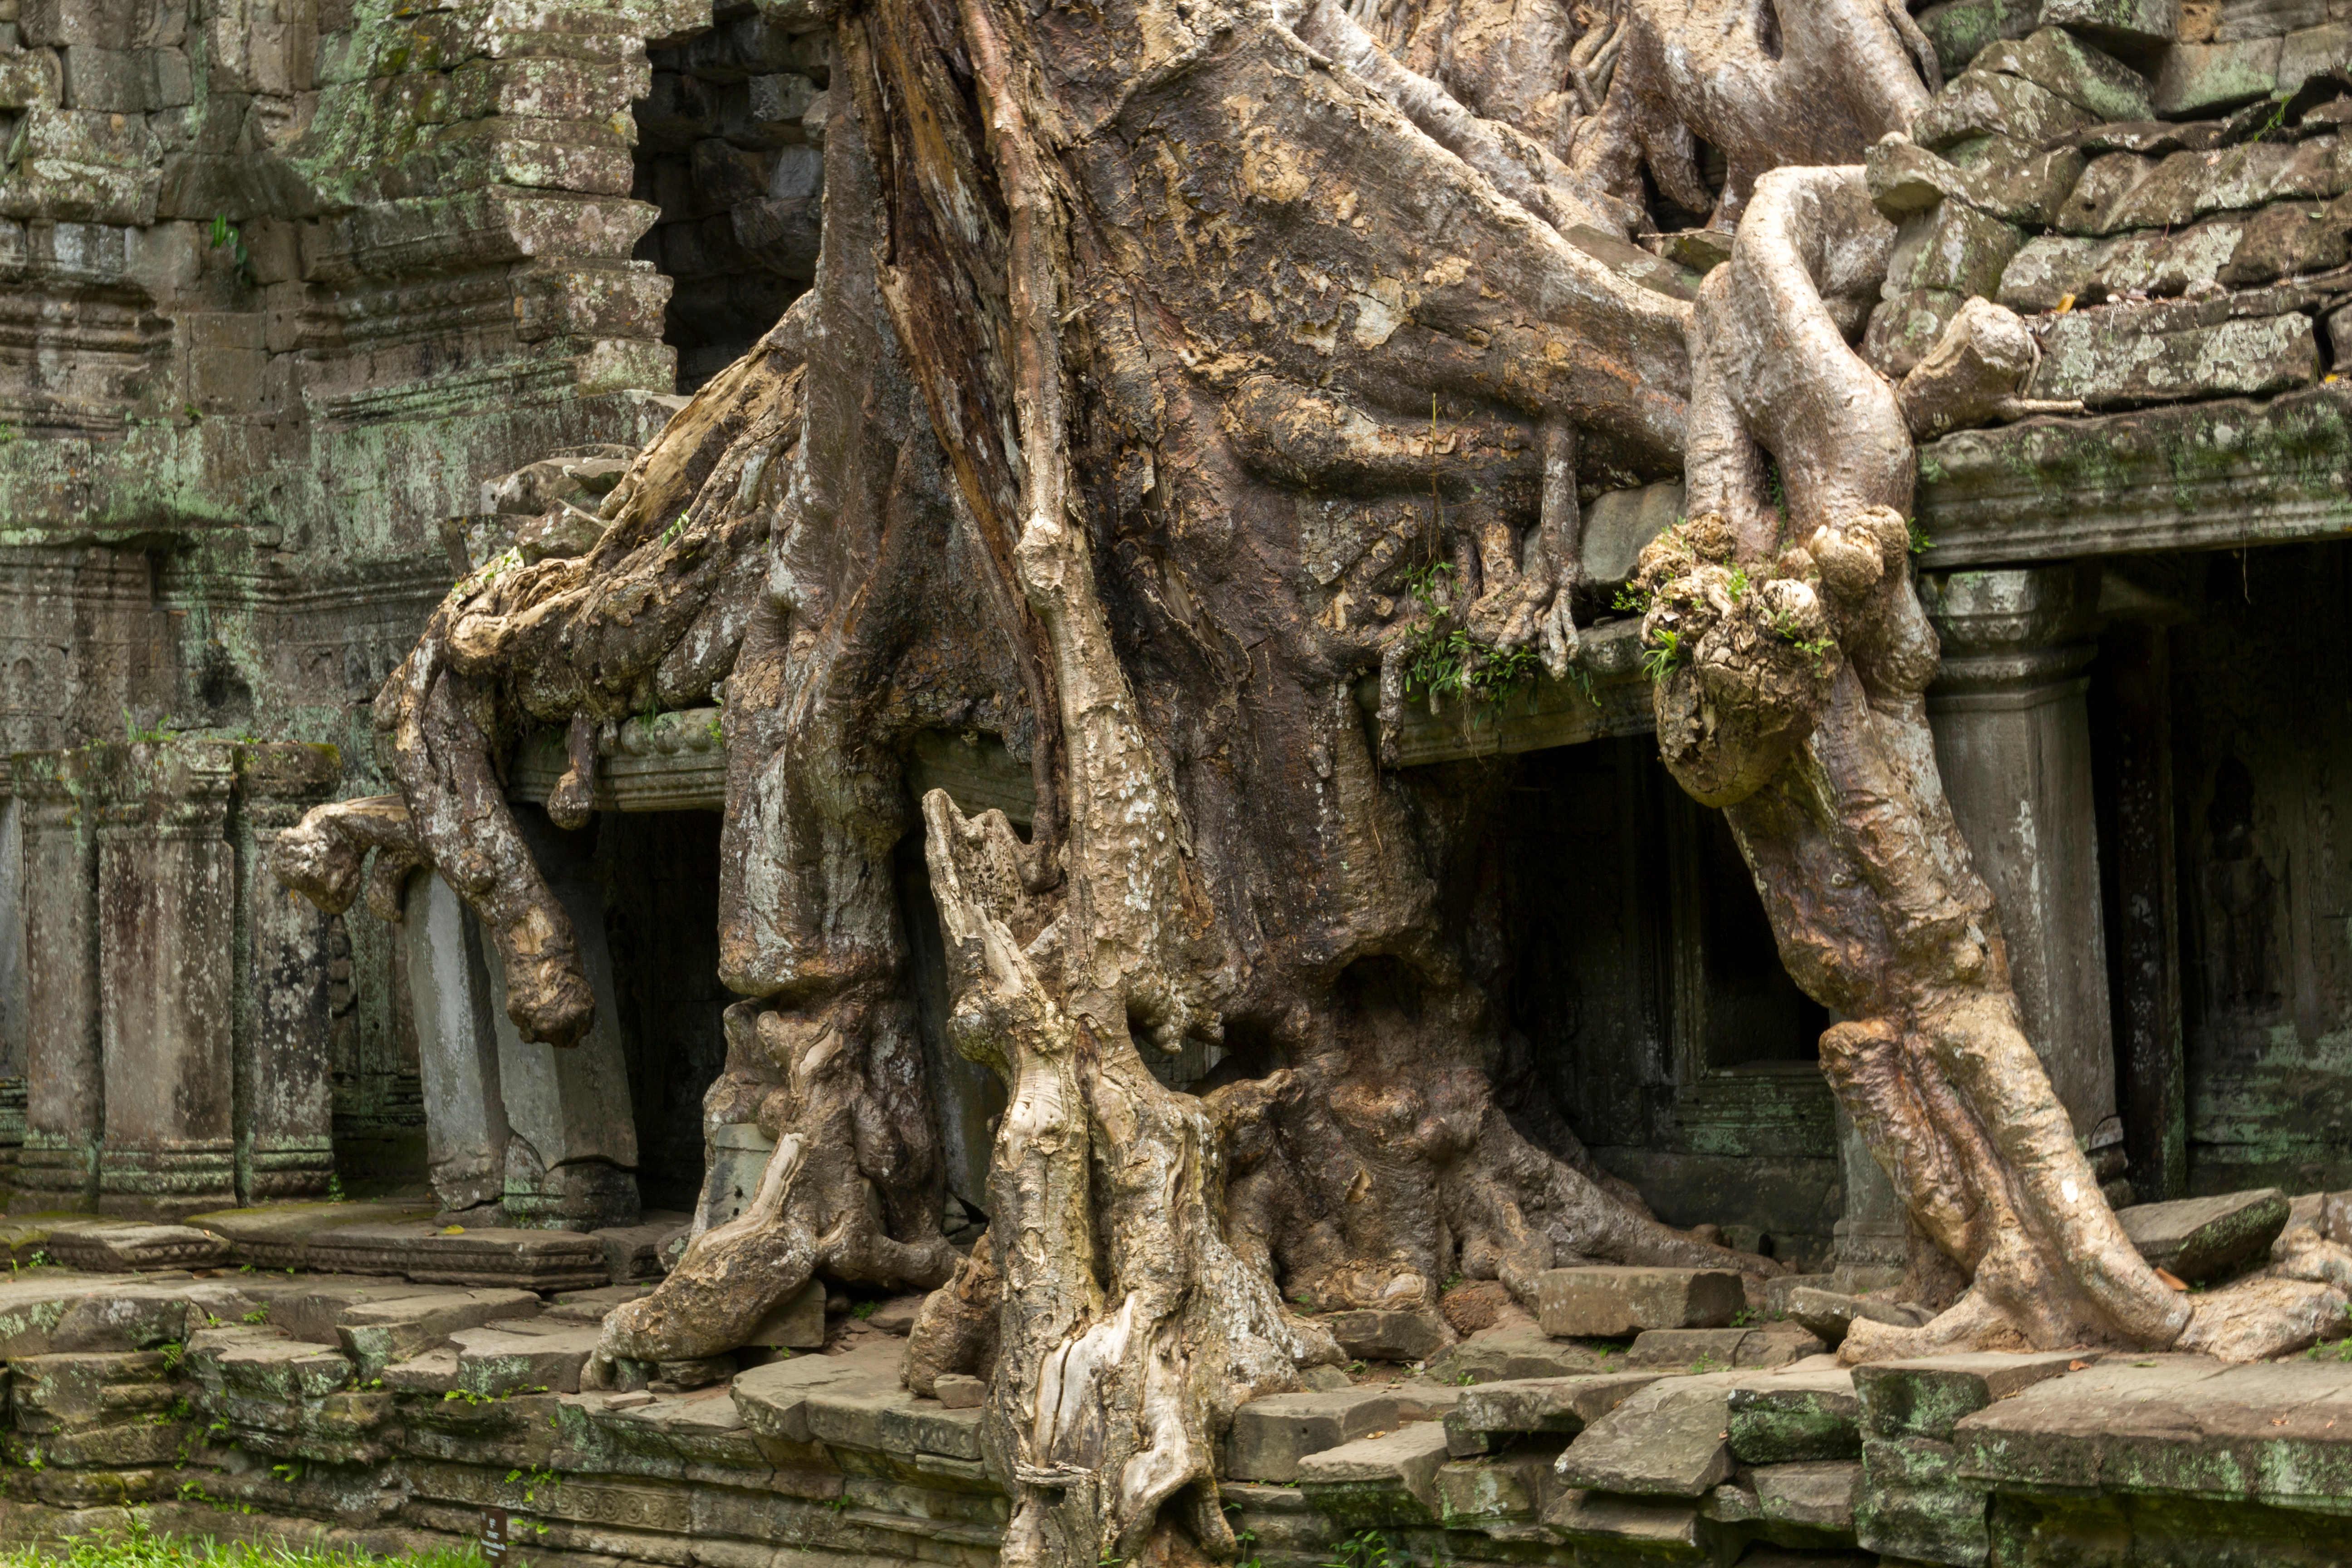 Preah Khan Temple at Angkor